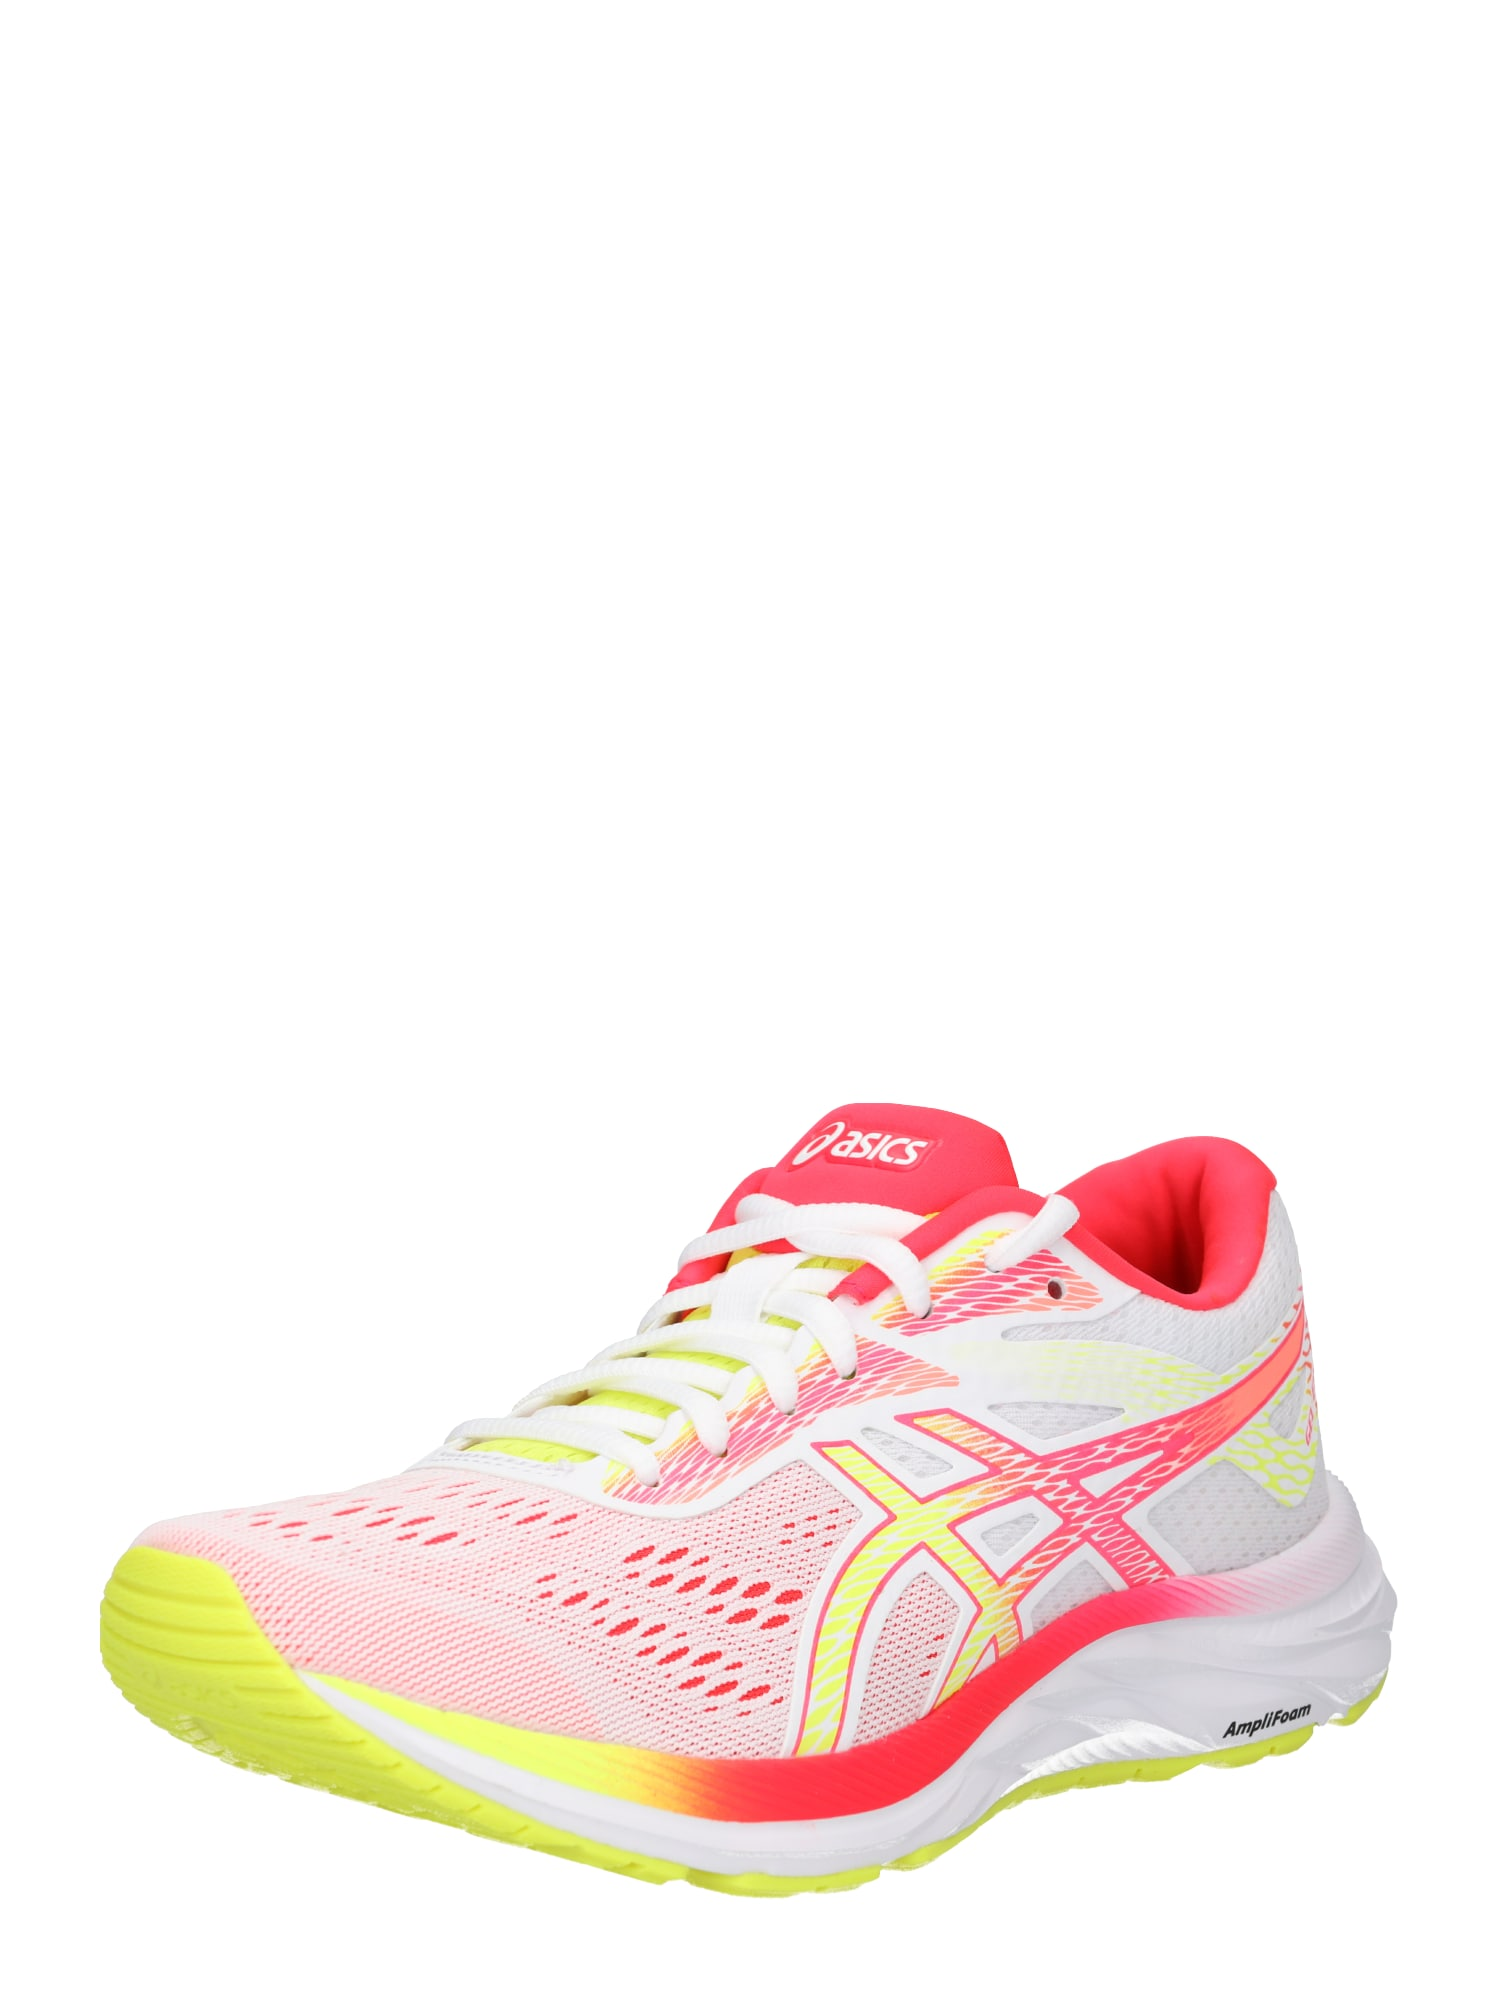 Běžecká obuv Gel-Excite 6 žlutá pink růžová bílá ASICS